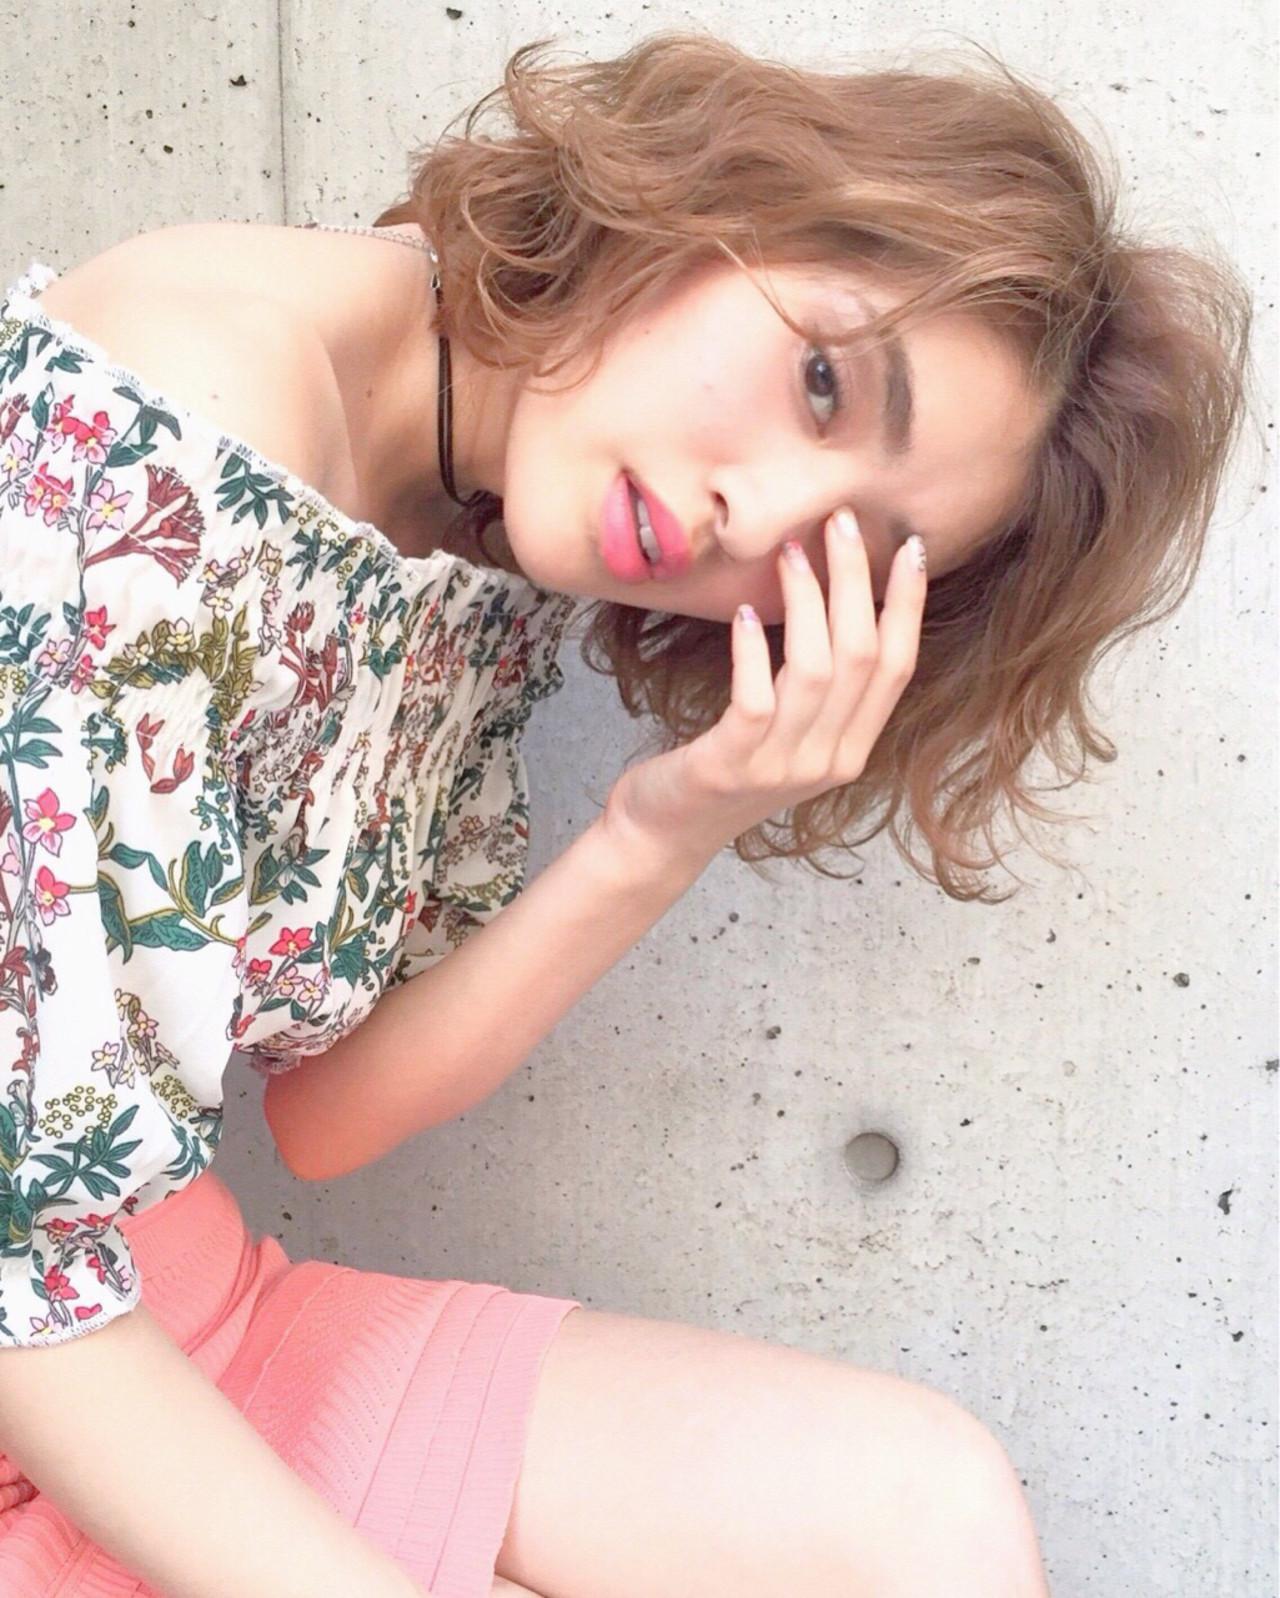 レイヤーカットなら重たくならない。お望みの軽めニュアンスな髪型 菅澤麻華